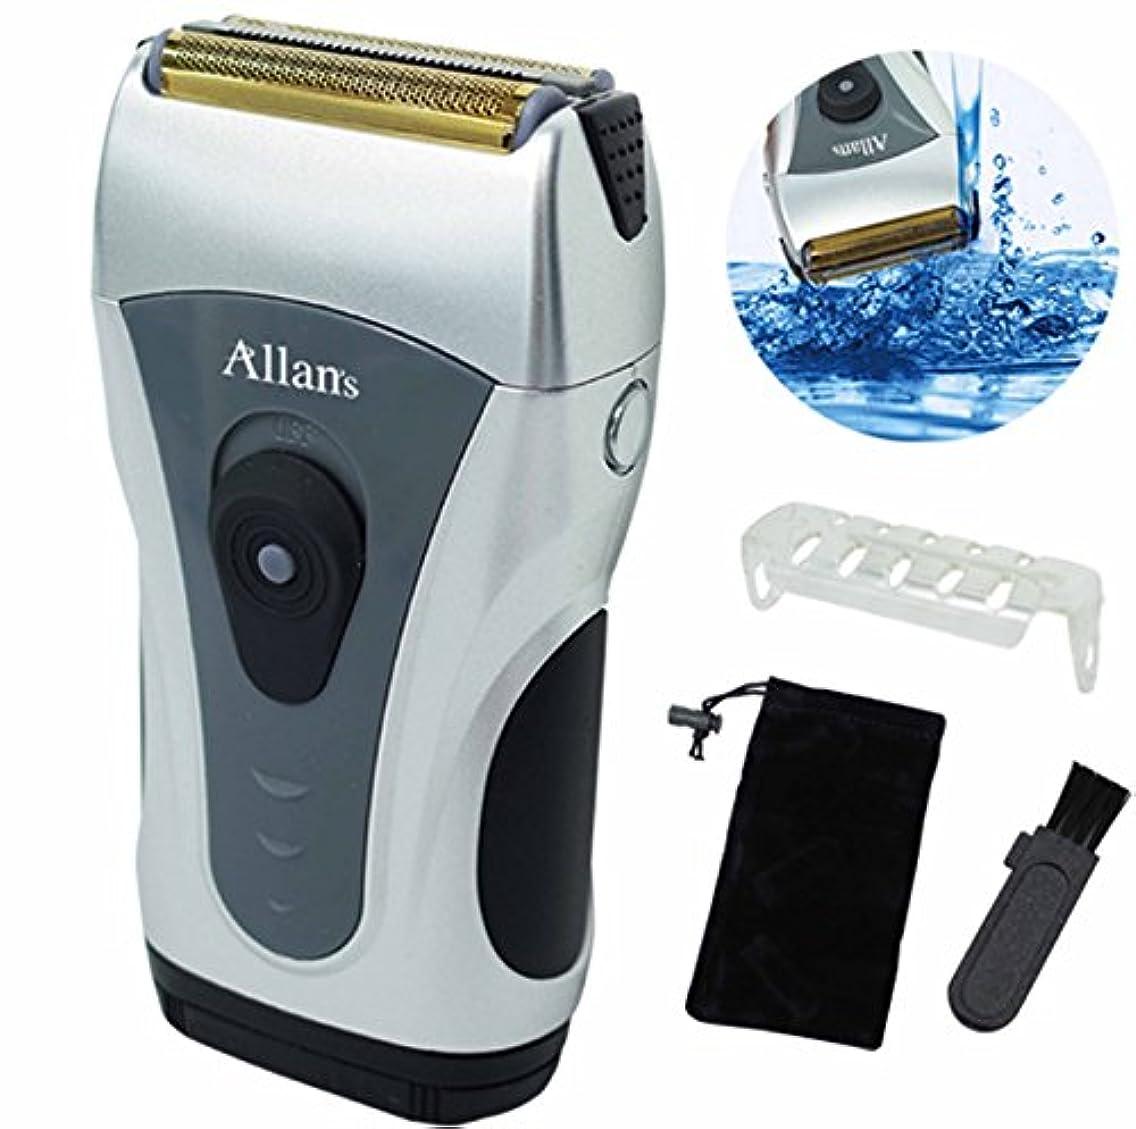 用量一掃する所有者Allans 携帯 電池 式 電動 髭剃り 水洗い ウォッシャブル メンズ シェーバー コンパクト MEBM-29